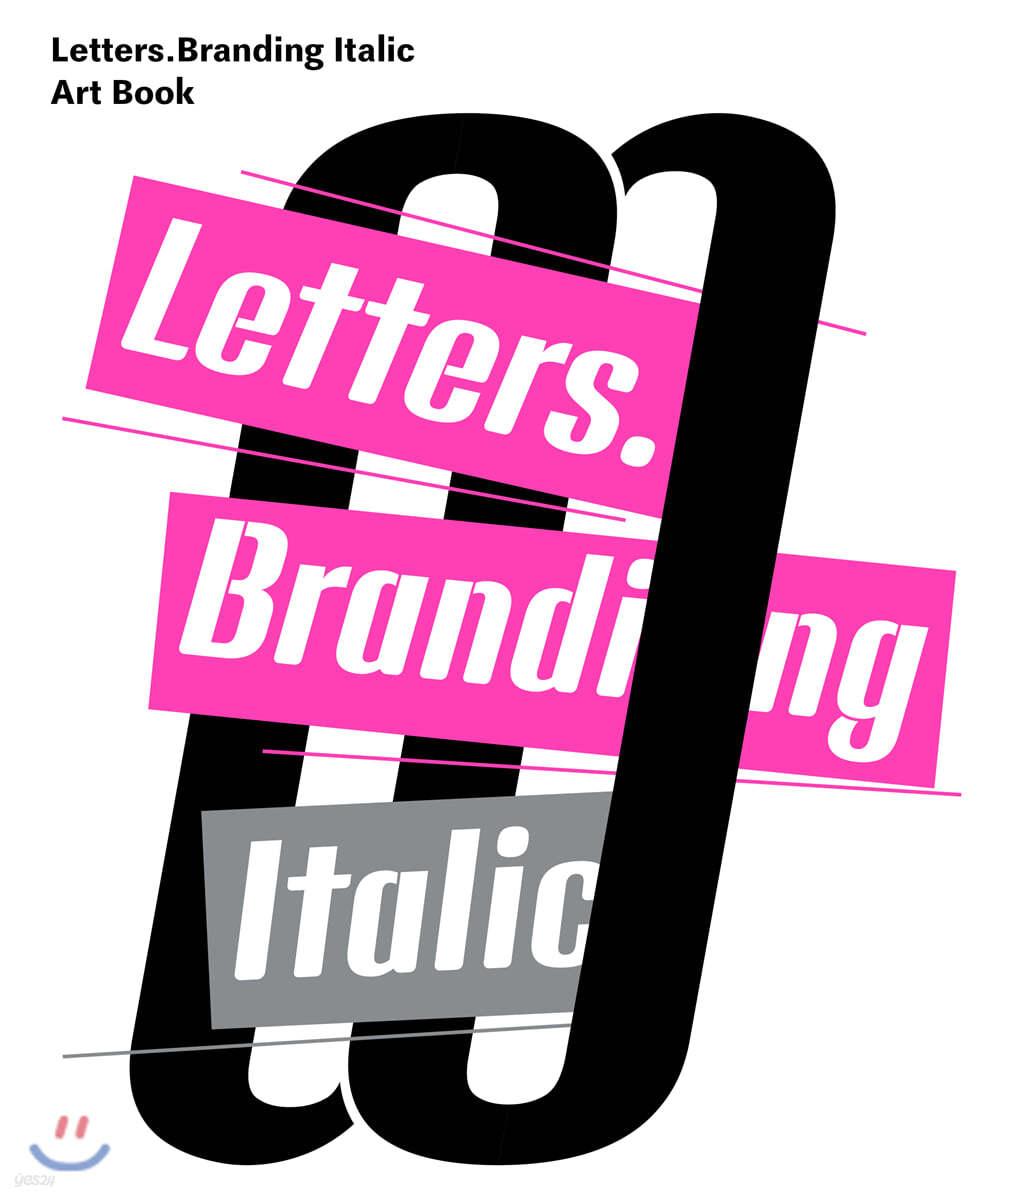 Letters.Branding Italic Art Book